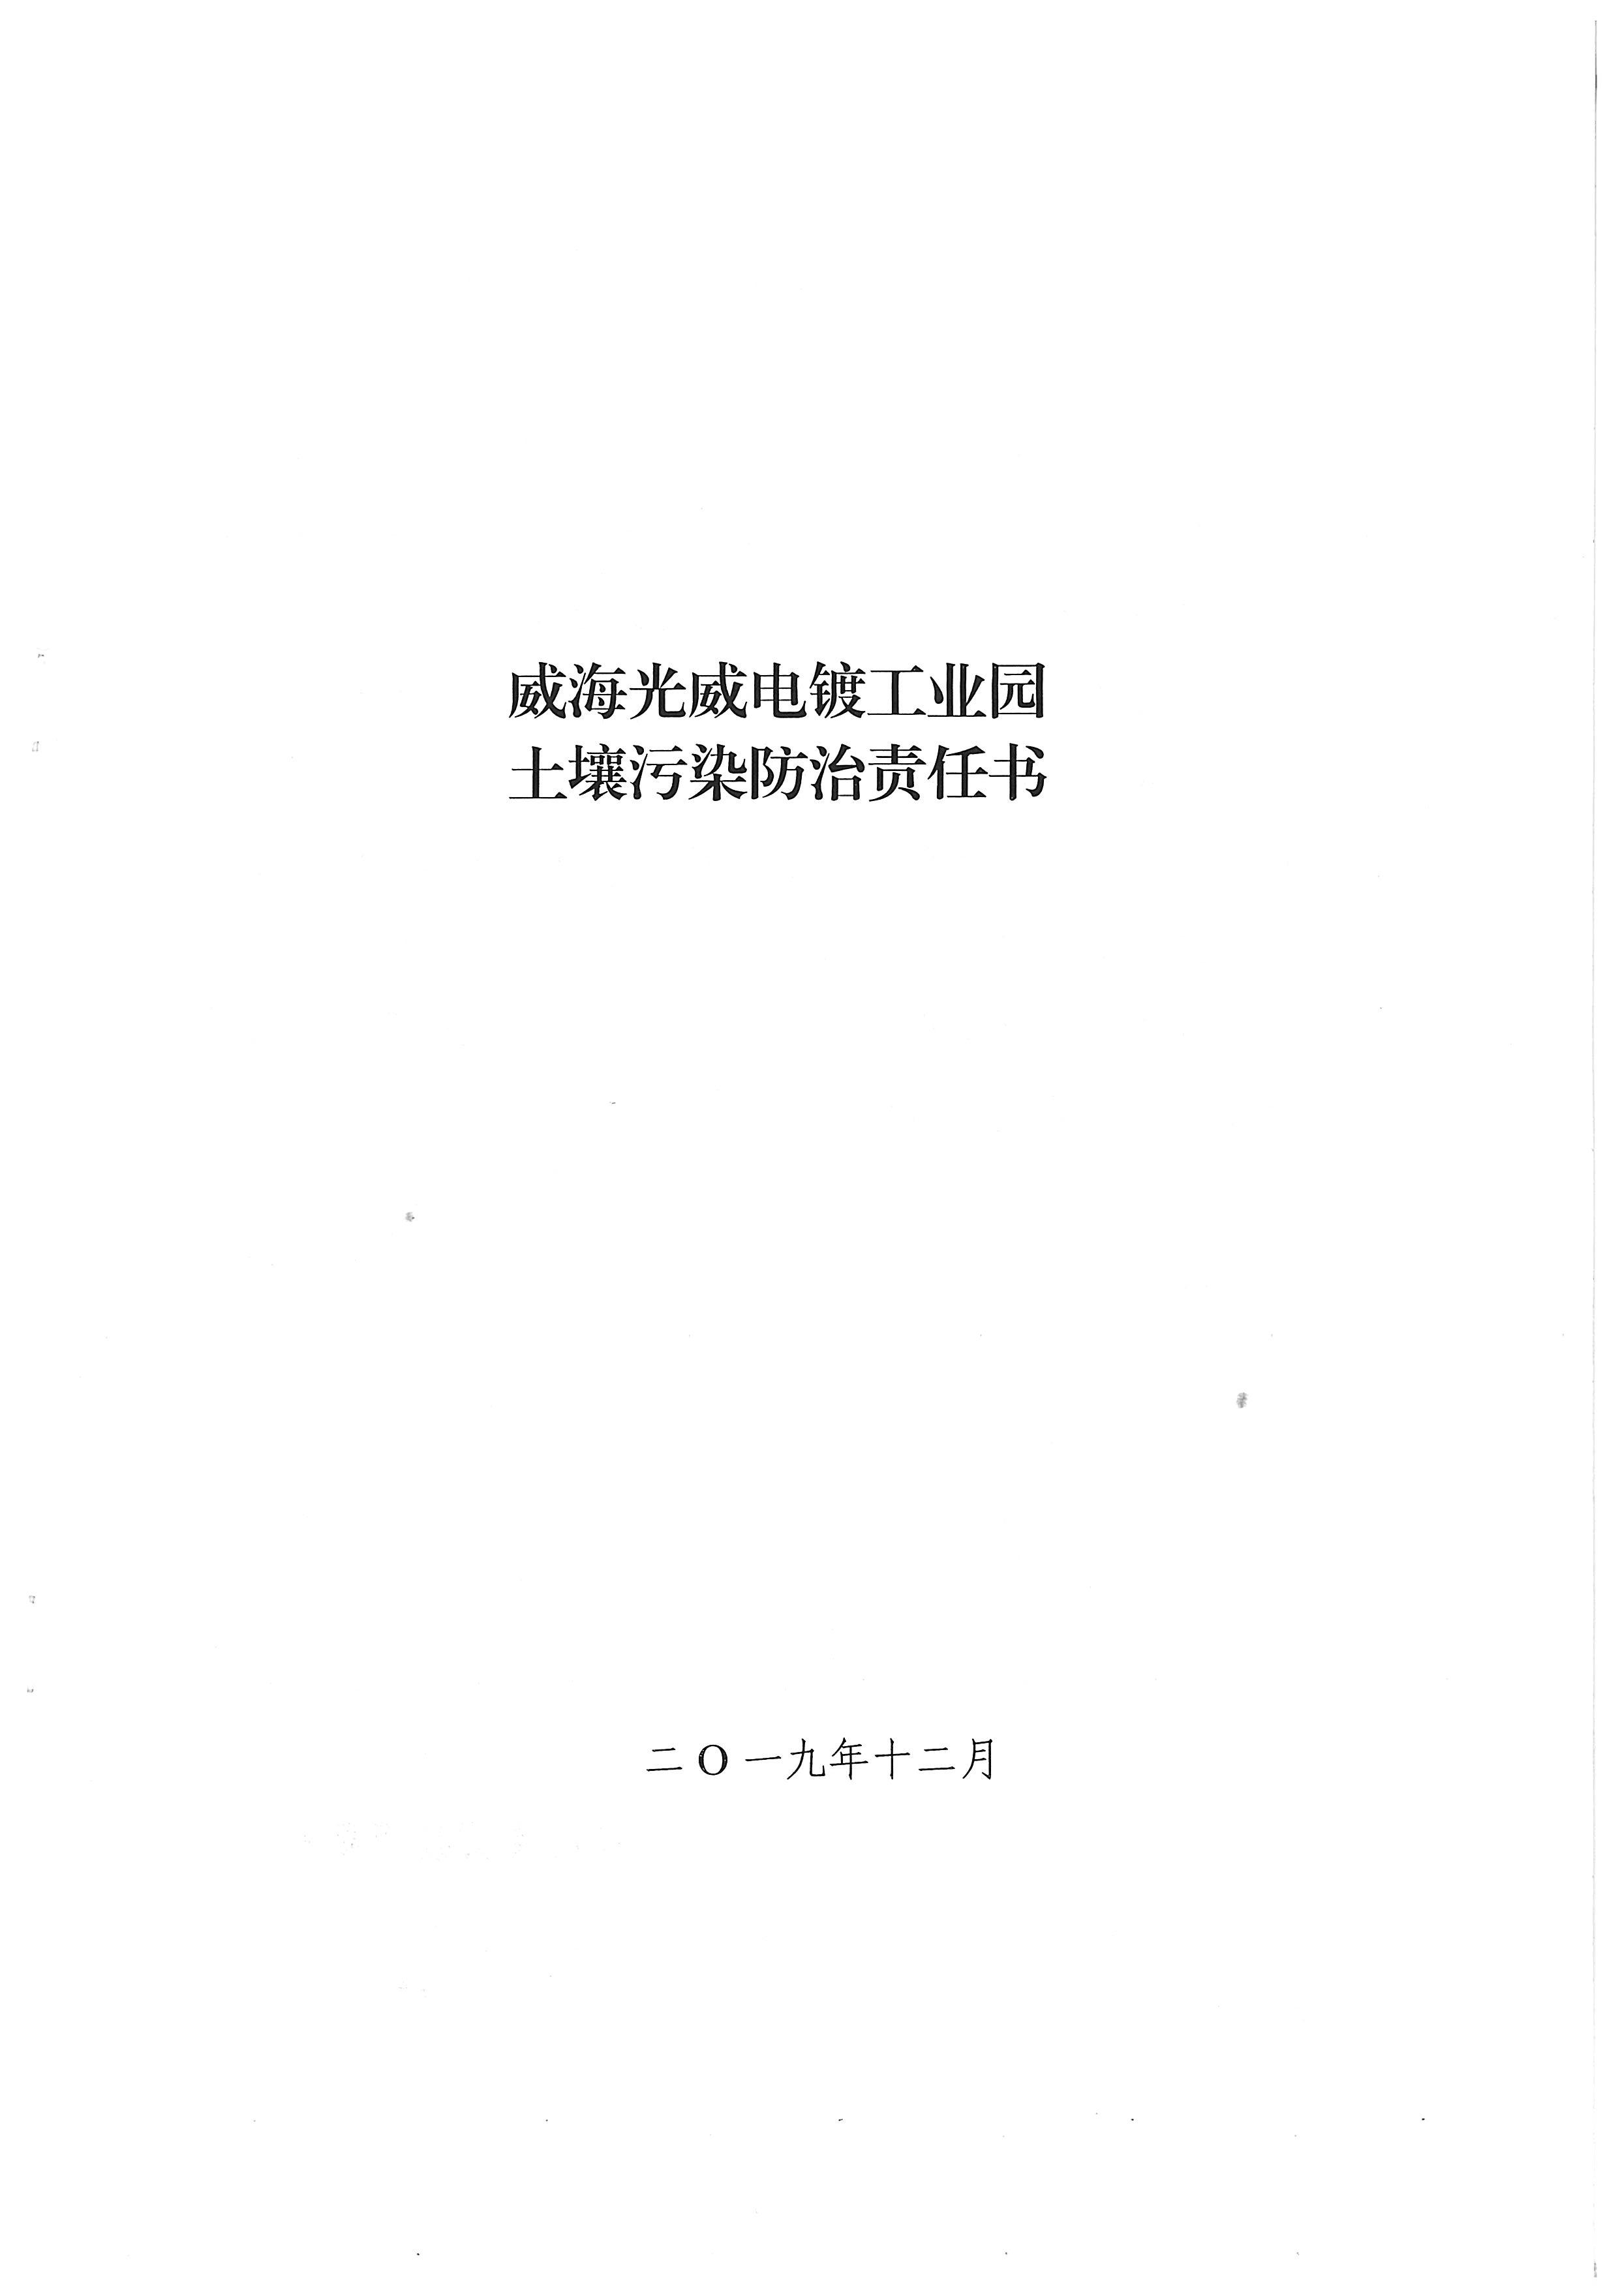 公示 | 光威電鍍園土壤污染防治責任書